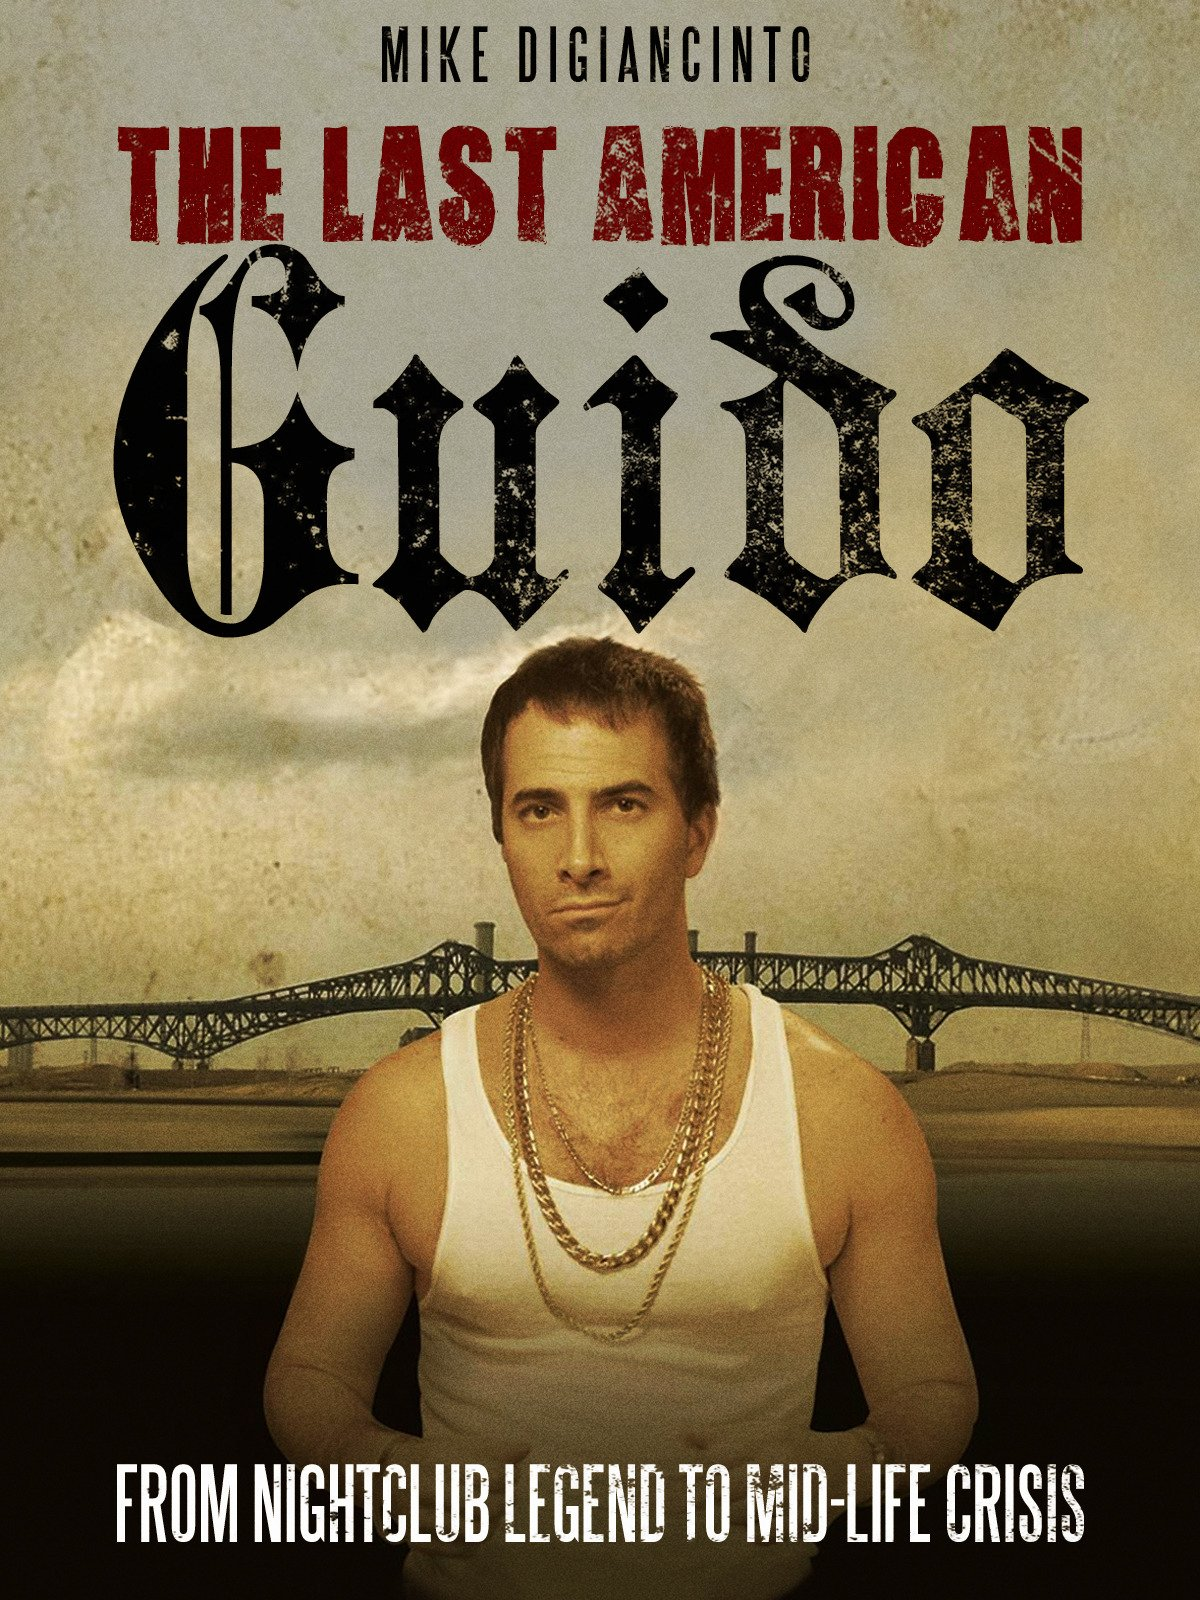 The Last American Guido